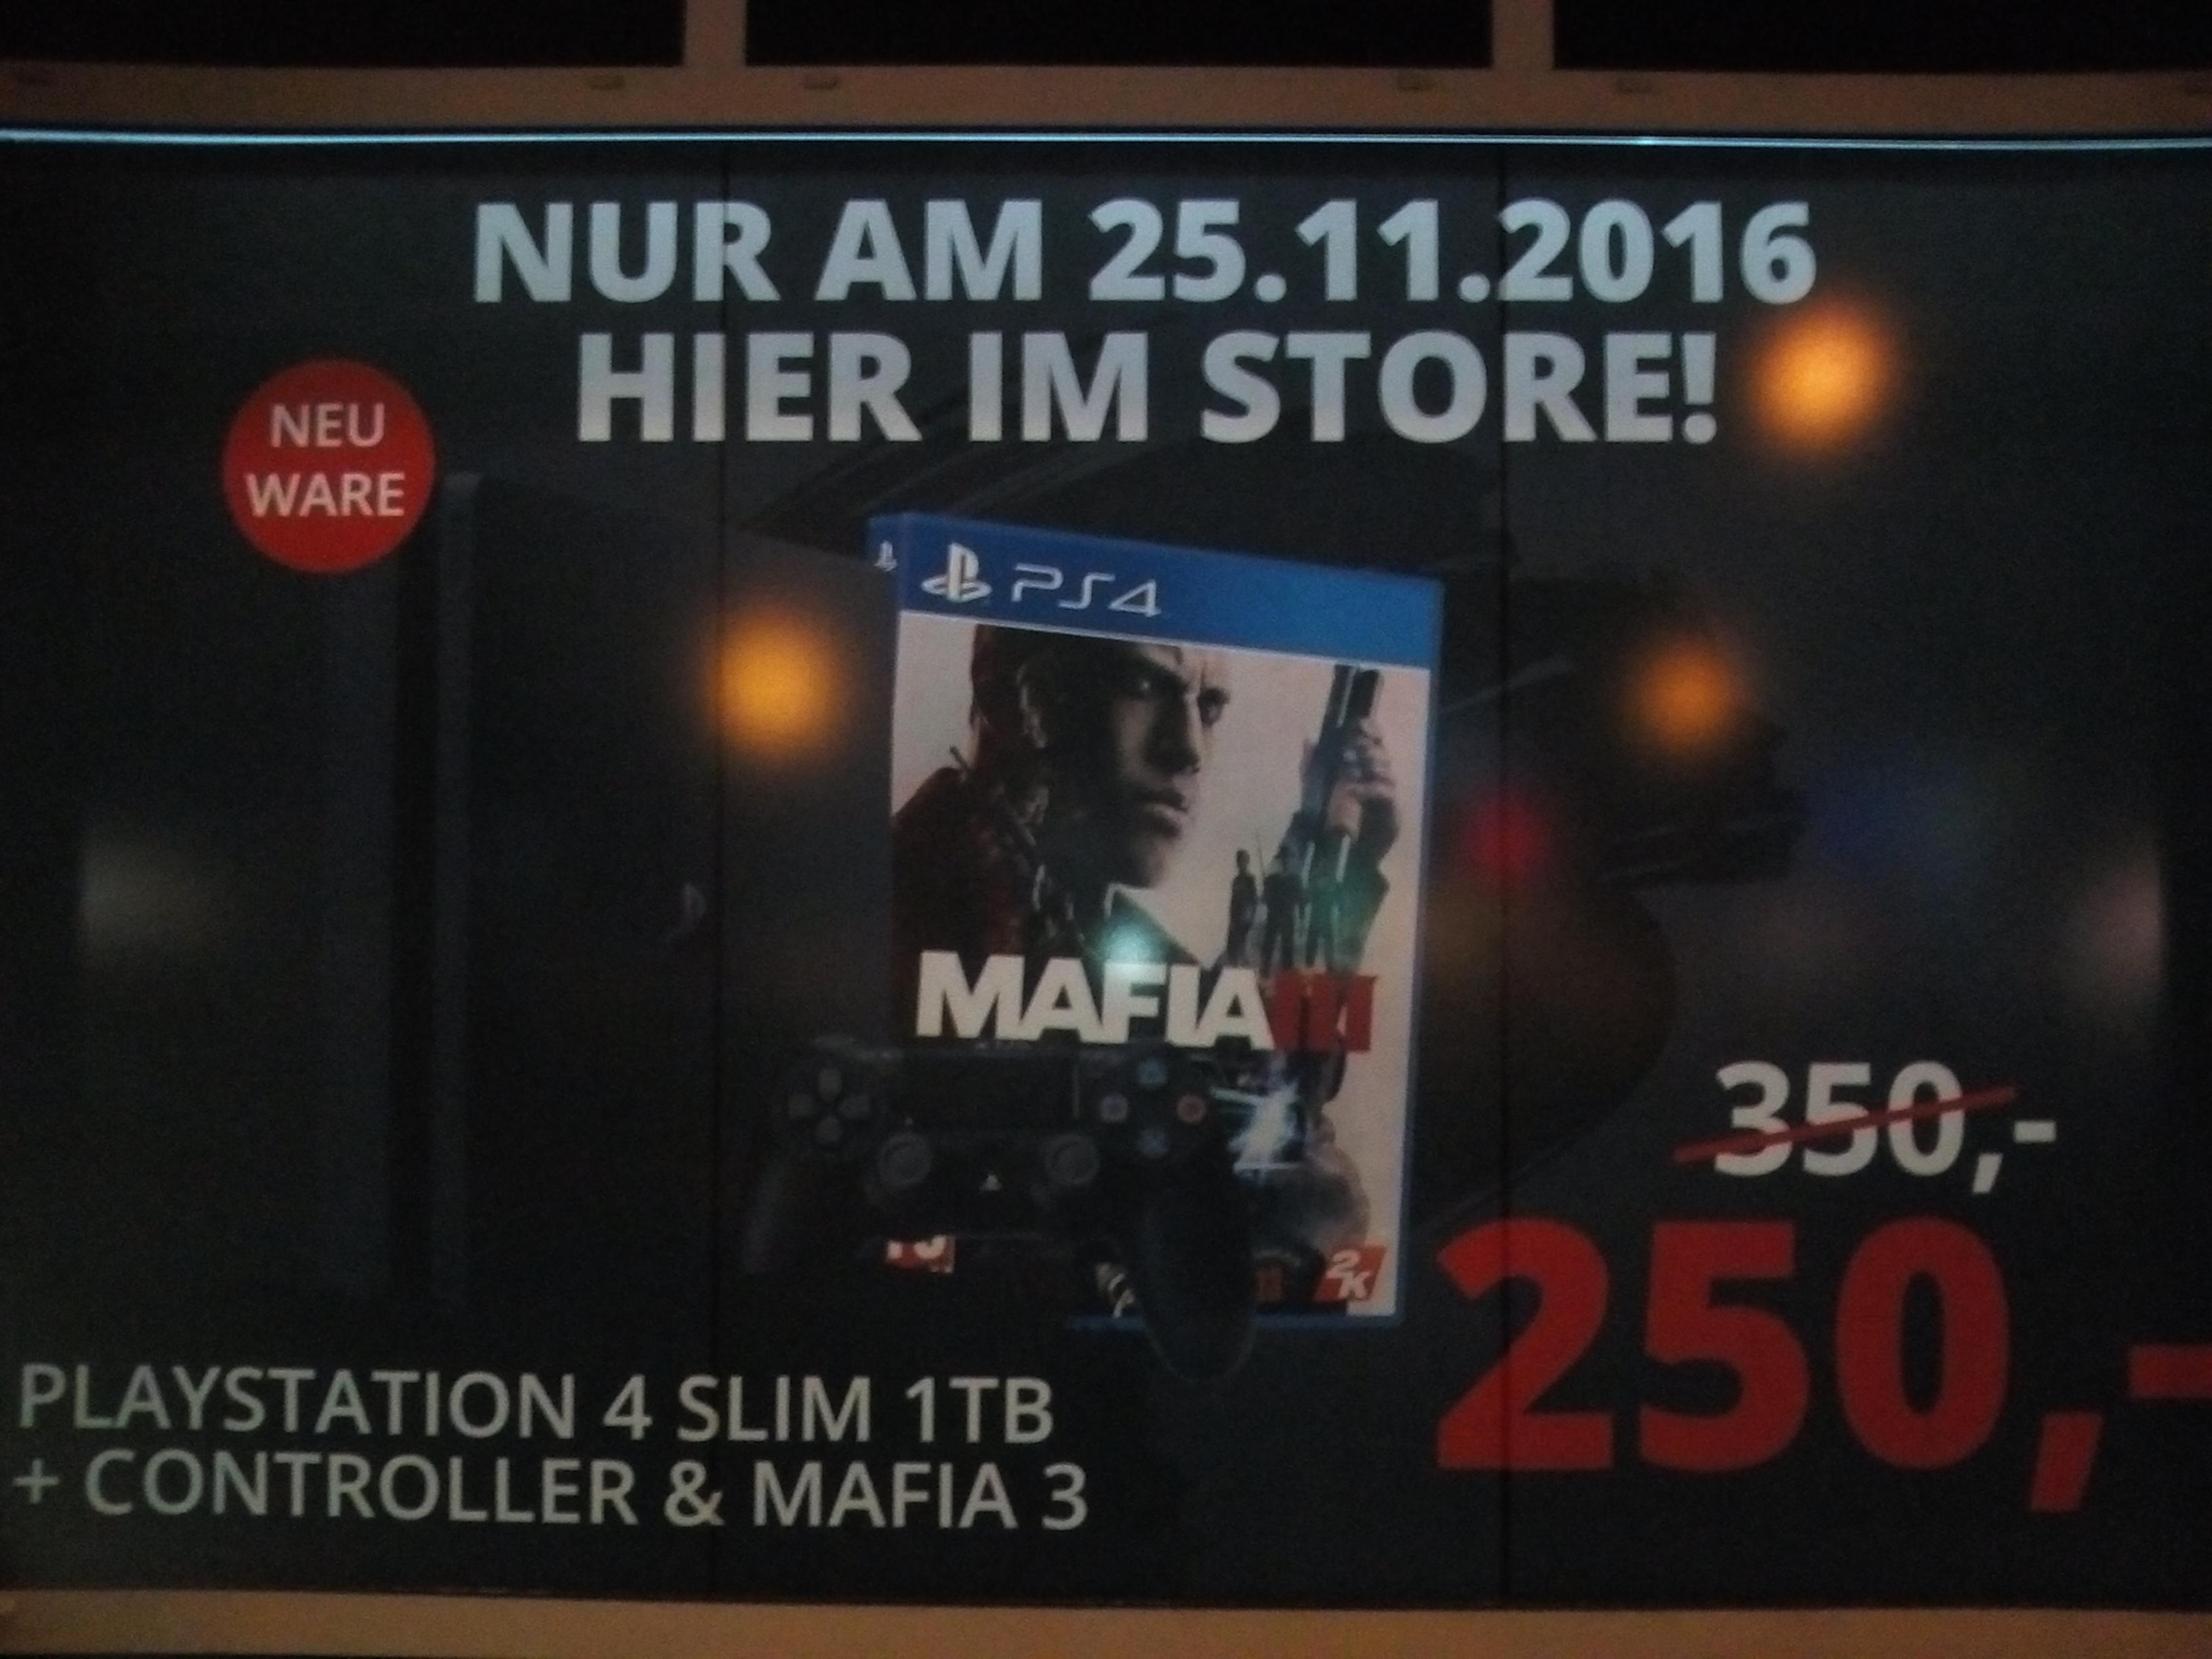 PS4 Slim 1TB + Mafia 3 - Nur am 25.11.2016 für 250 € [Lokal Bremen Innenstadt - Myswooop - Black Friday]